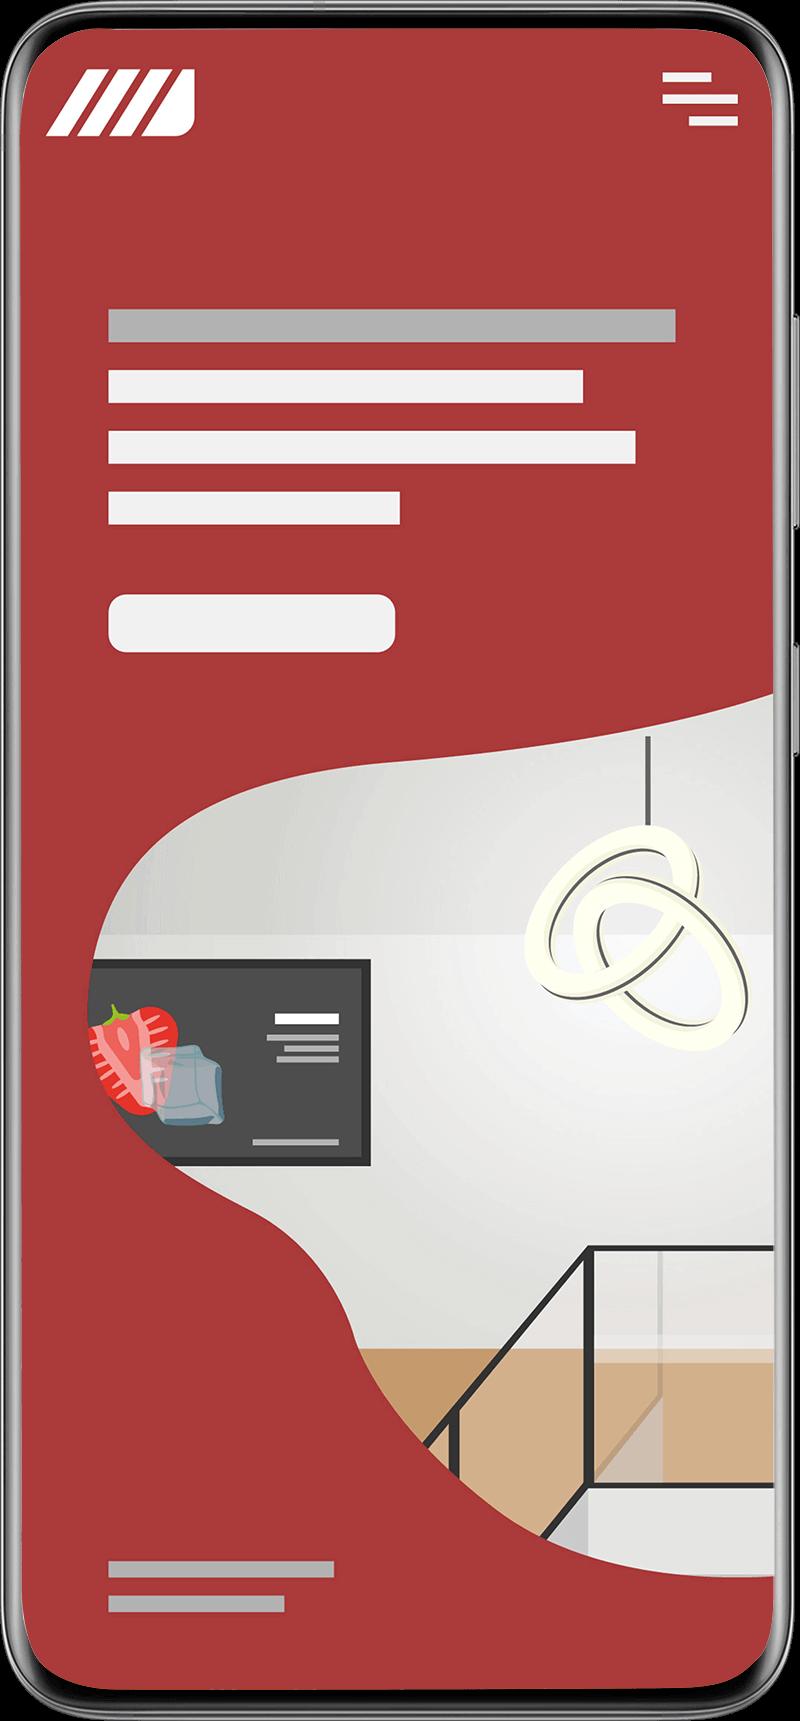 Phone Handy Ansicht Mobile Responsive Auf Handy bedienbar Nutzerfreundlichkeit